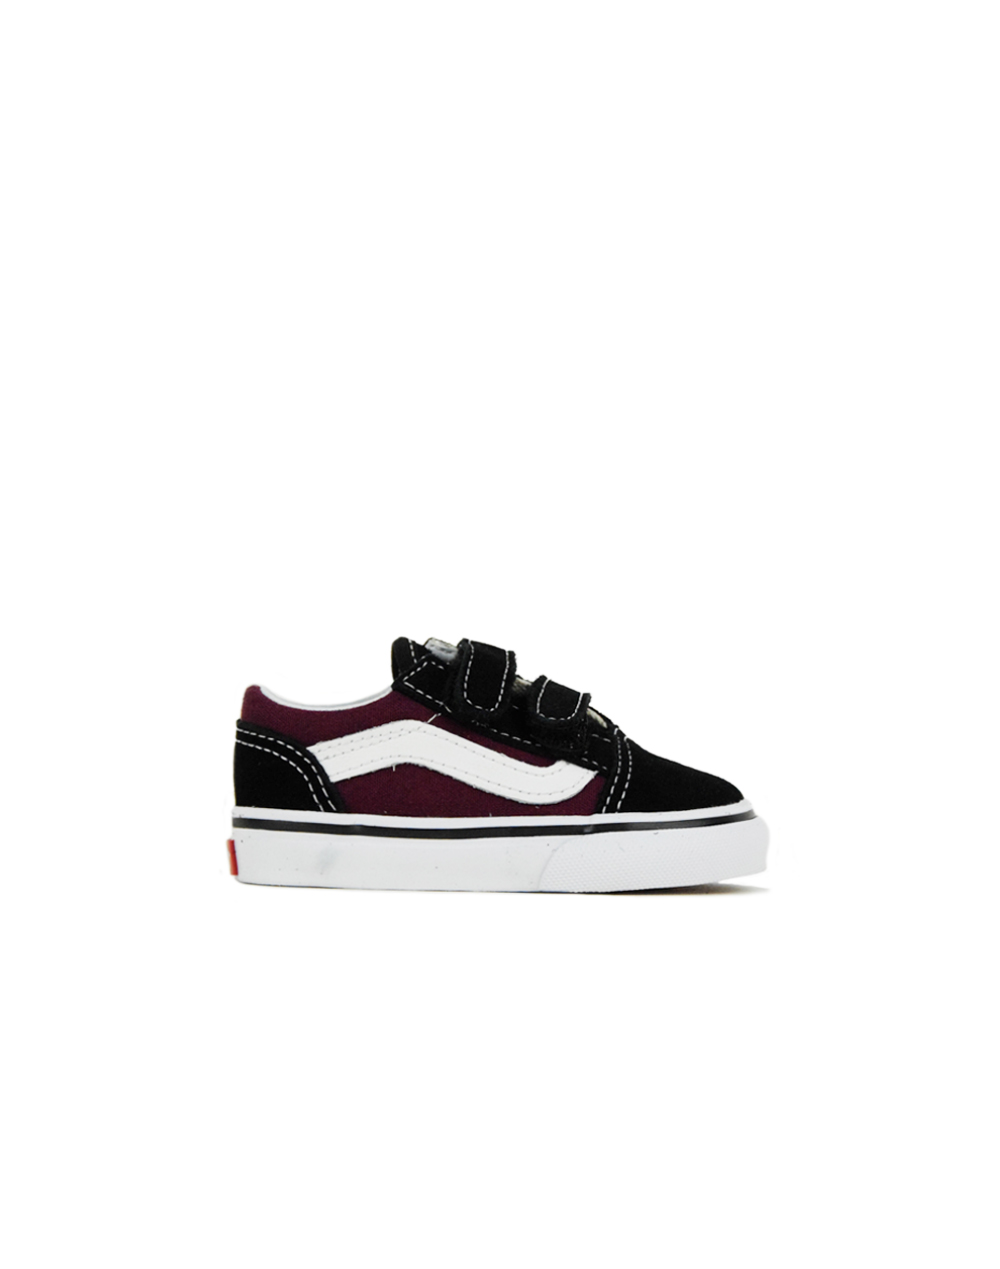 5489f6db755b Vans Old Skool V(POP) Black Burgundy (VA344KQ7J)